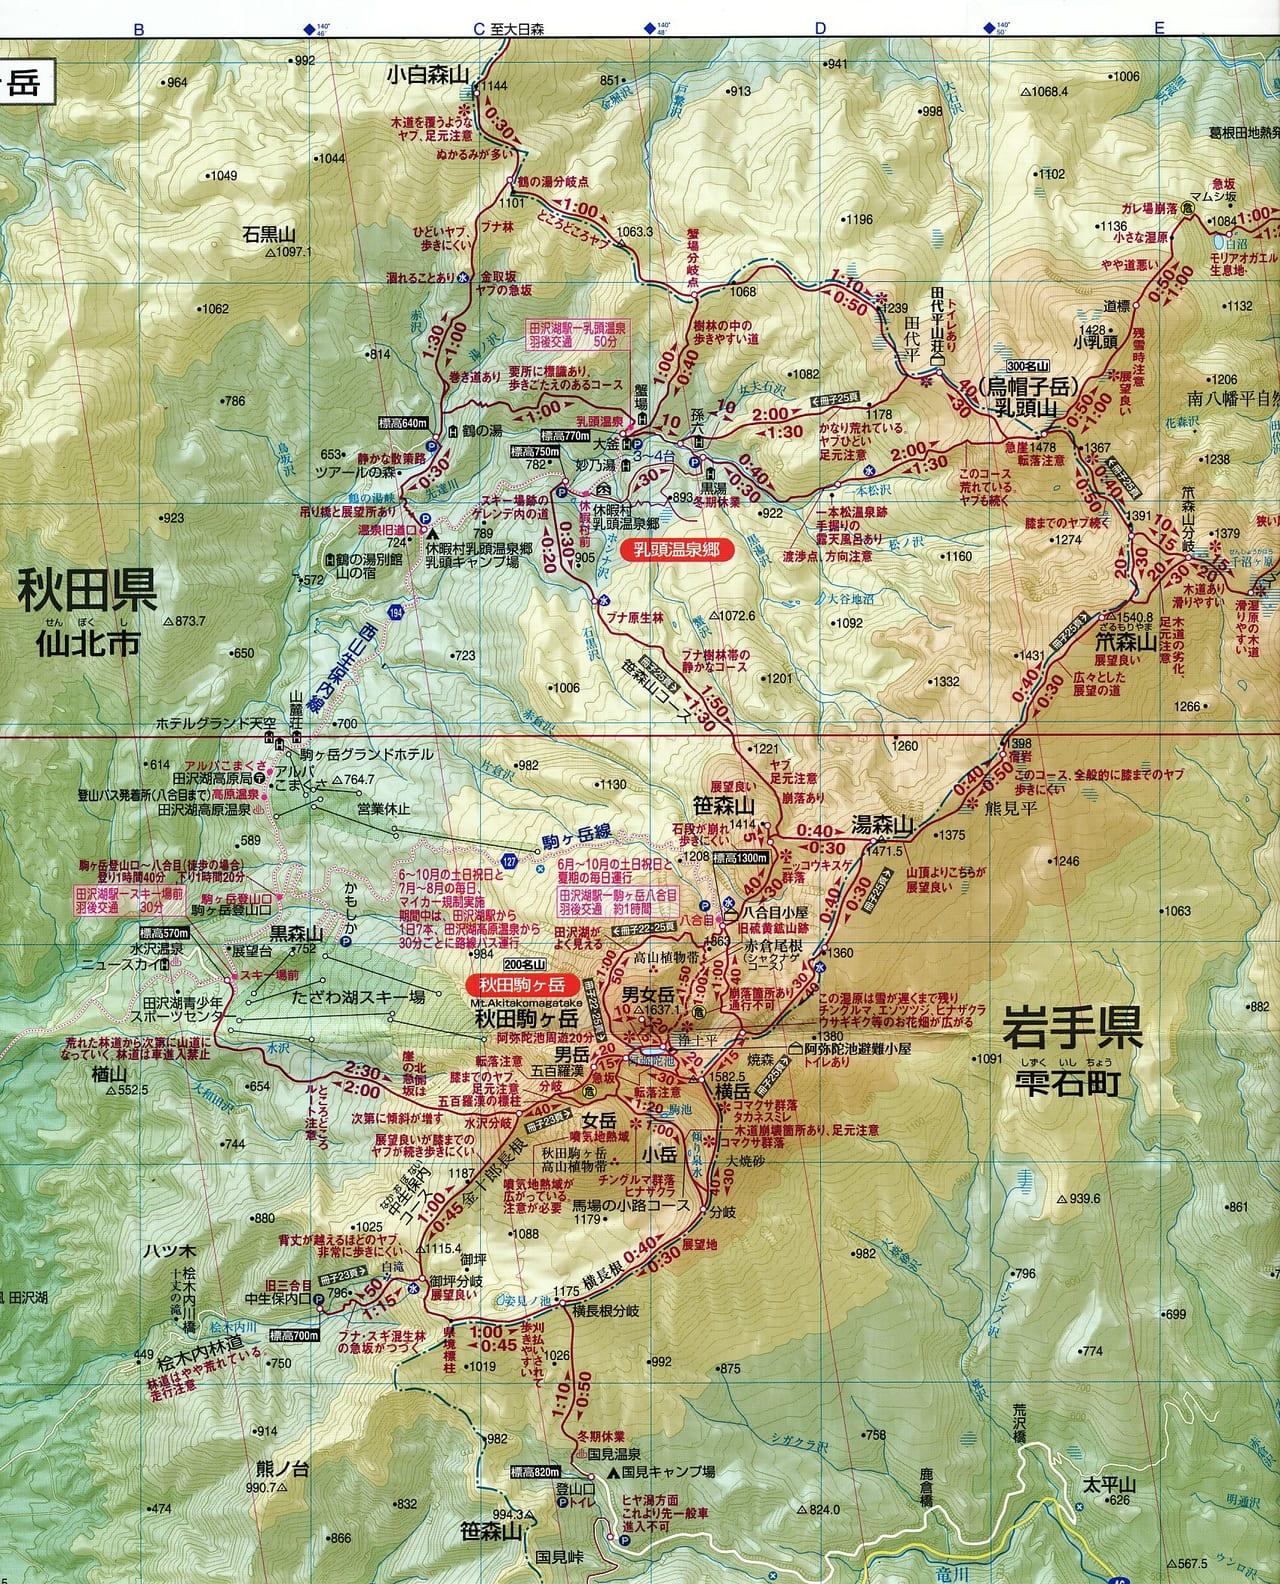 /秋田駒ヶ岳と烏帽子岳のルート地図